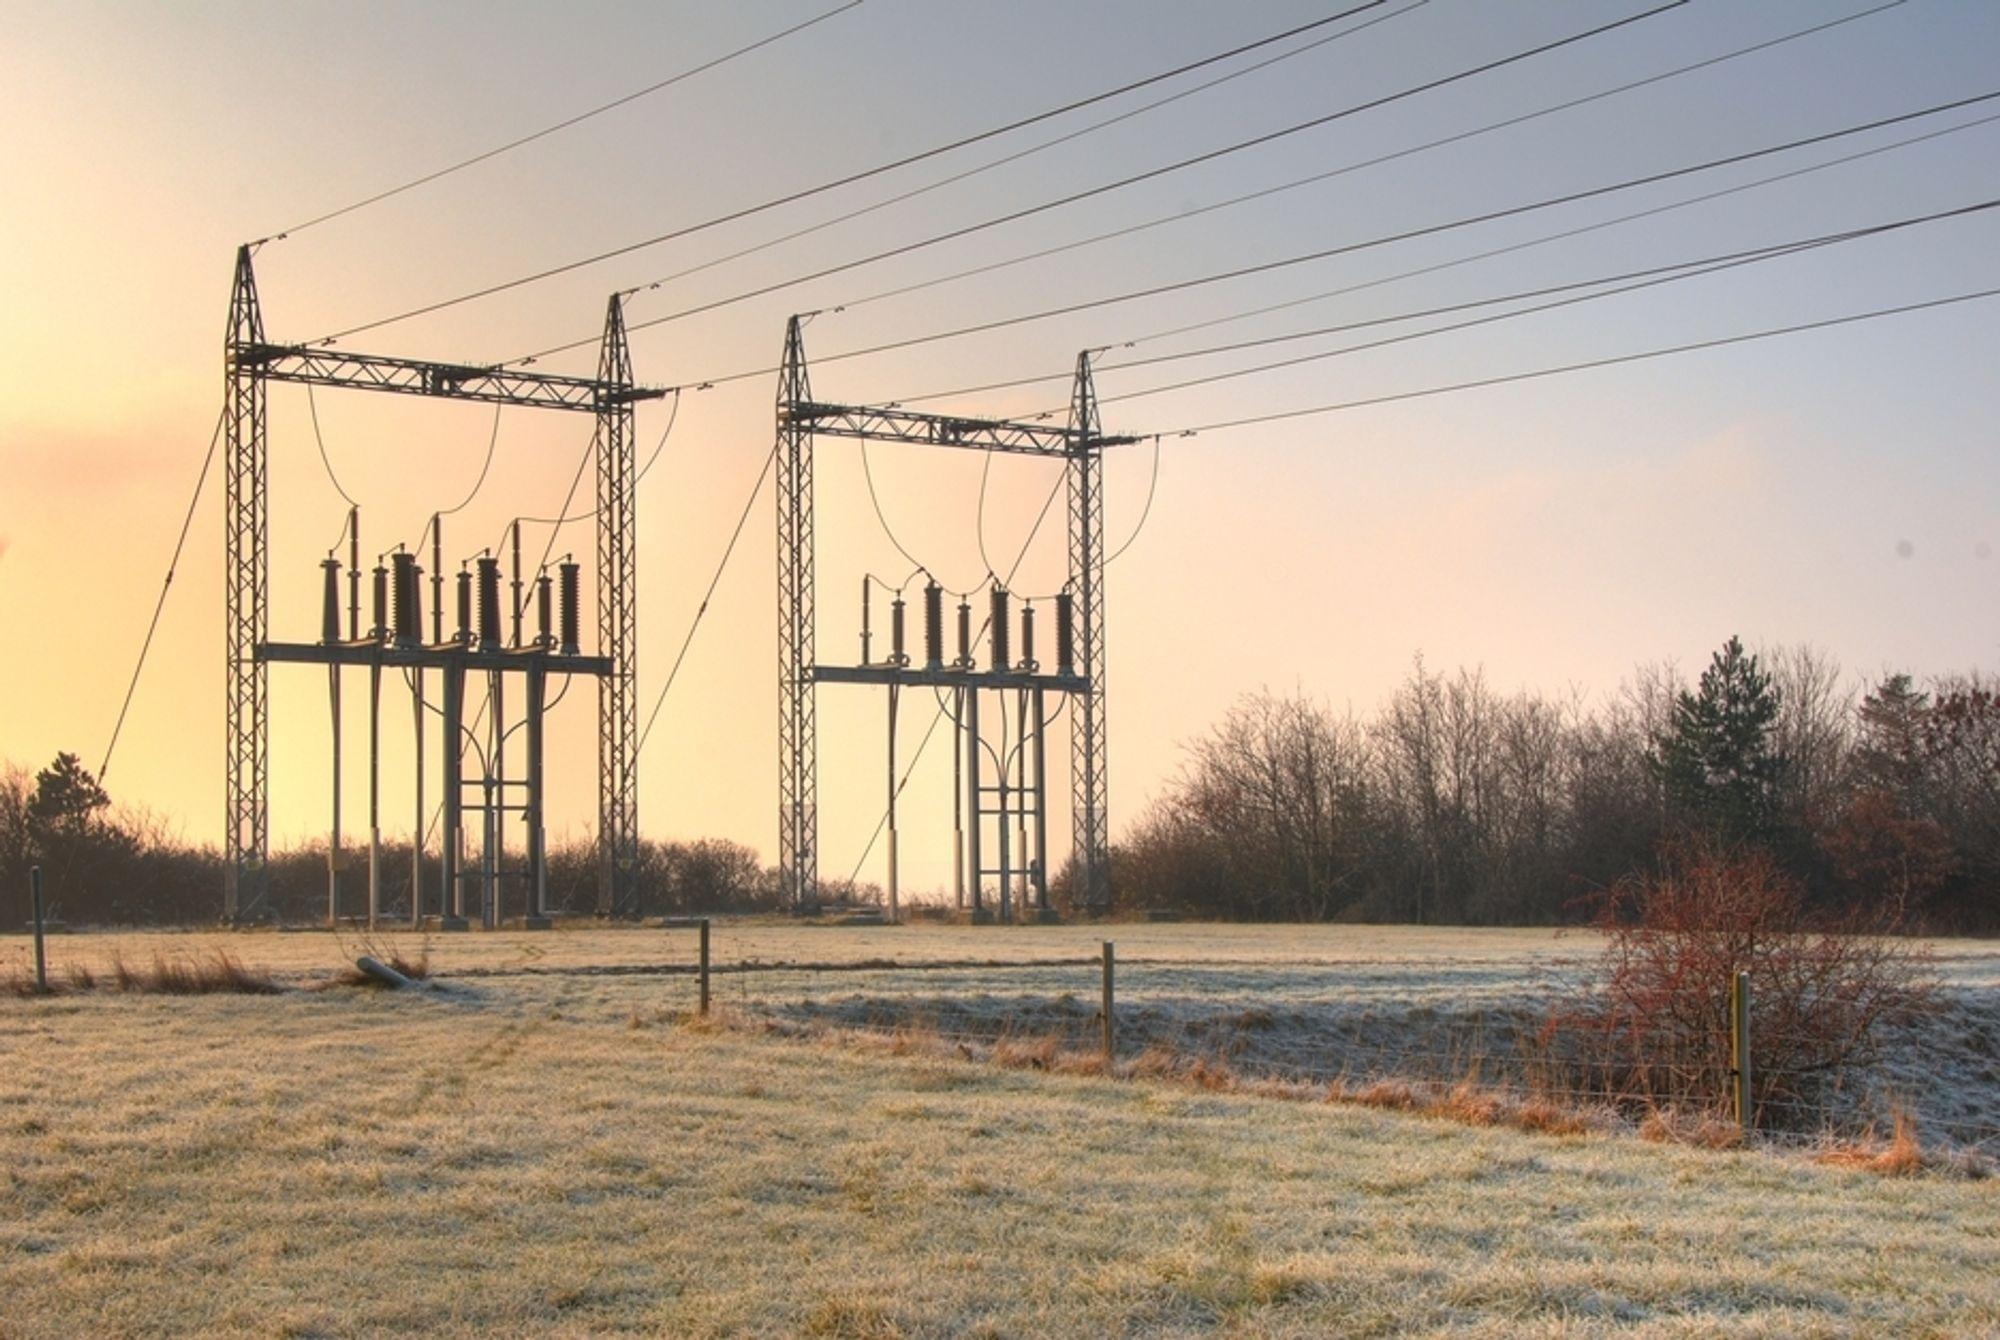 REKORD: Kaldt vær førte til at kraftforbruket i denne perioden ble 1,9 TWh høyere enn forbruksrekorden fra 2007.